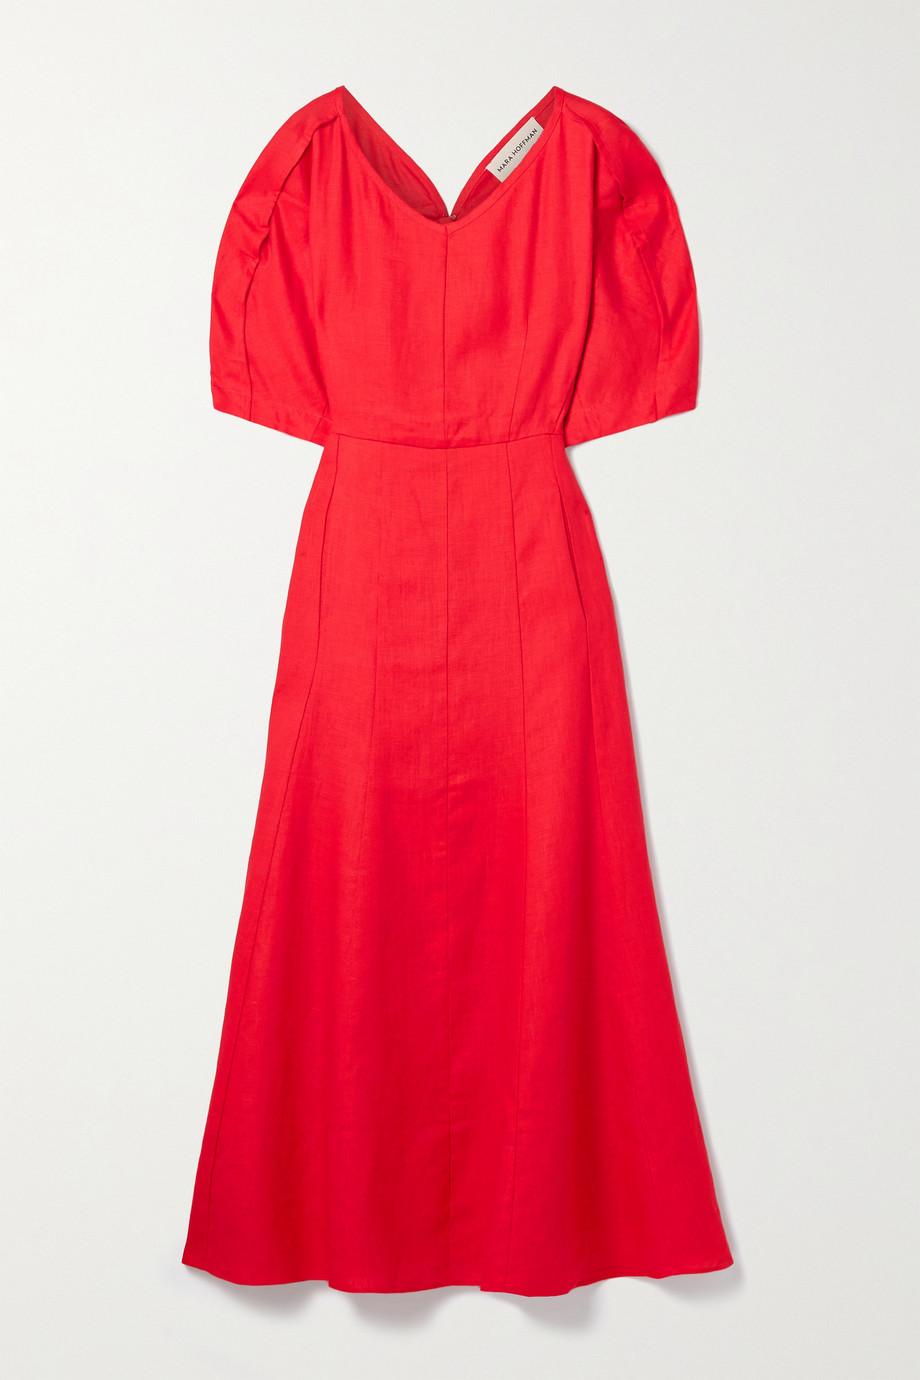 Mara Hoffman Sicily hemp midi dress